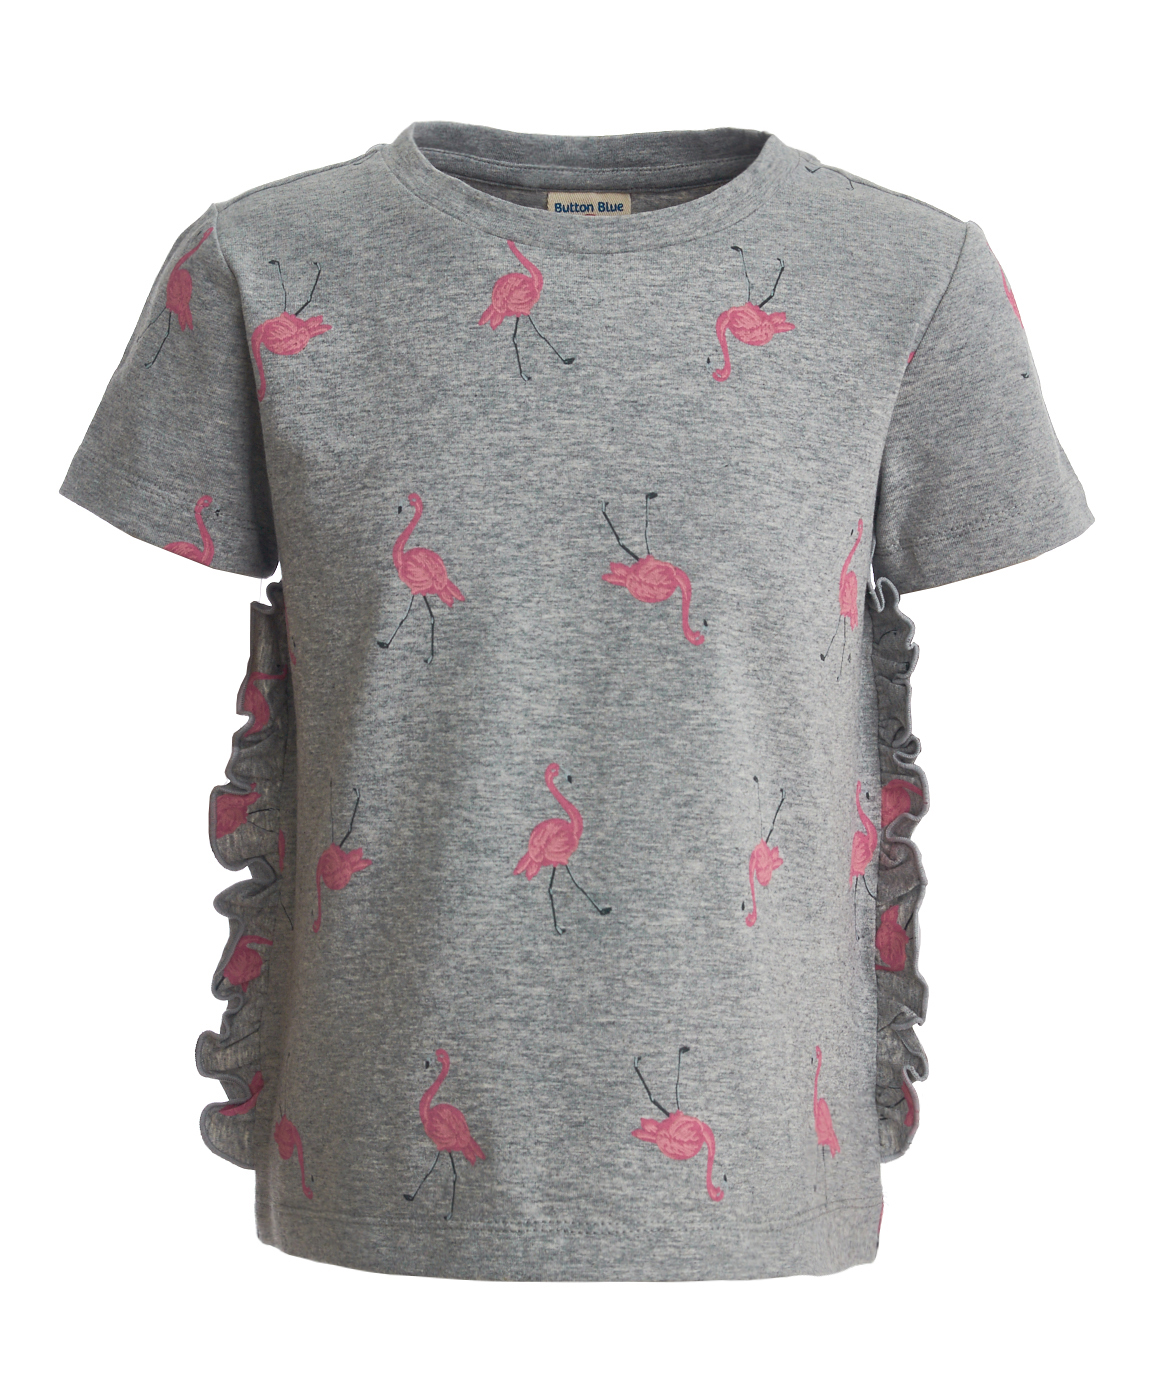 Купить 119BBGC12081907, Серая футболка с орнаментом Фламинго Button Blue, серый, 134, Женский, ВЕСНА/ЛЕТО 2019 (shop: GulliverMarket Gulliver Market)